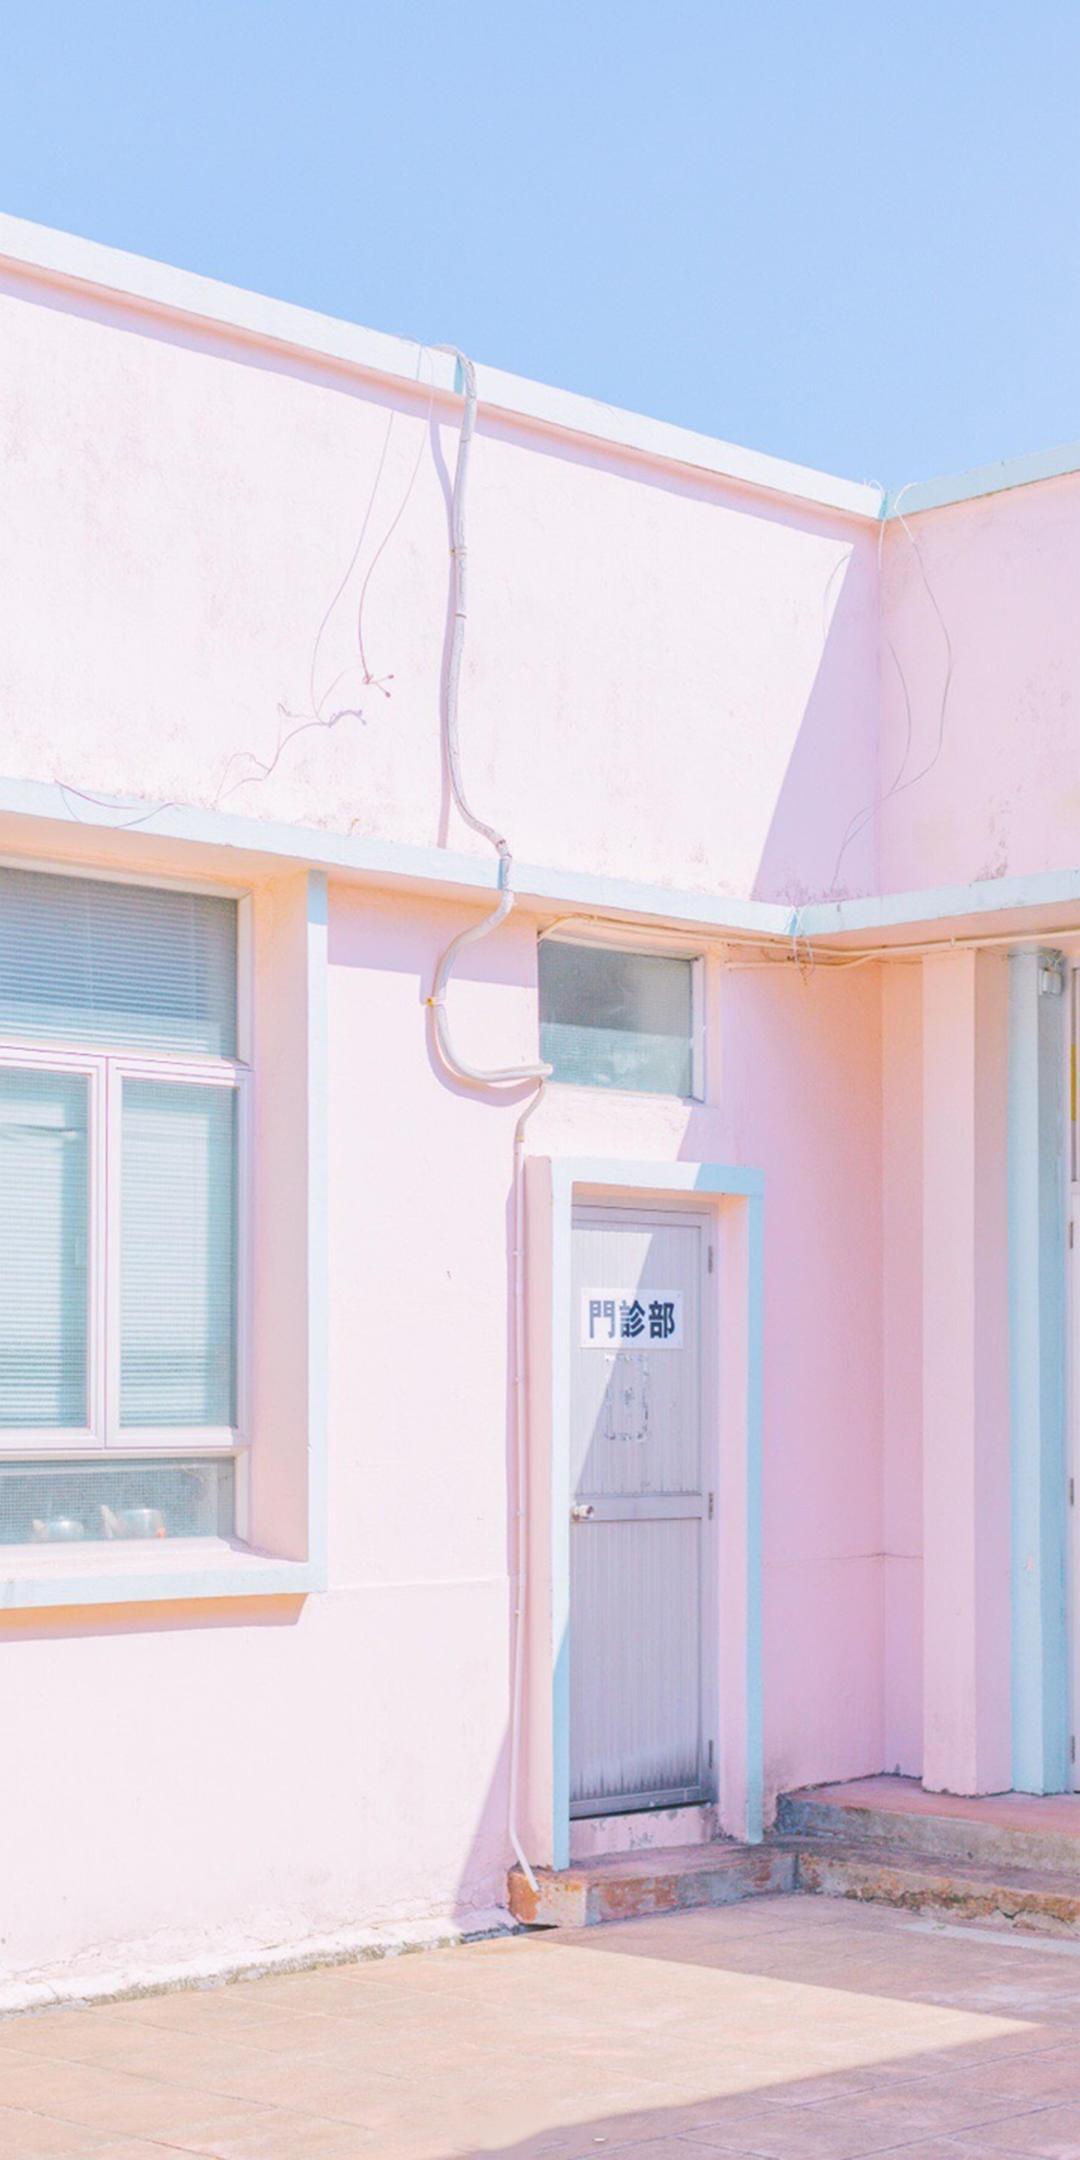 粉色系少女心手机壁纸插图59